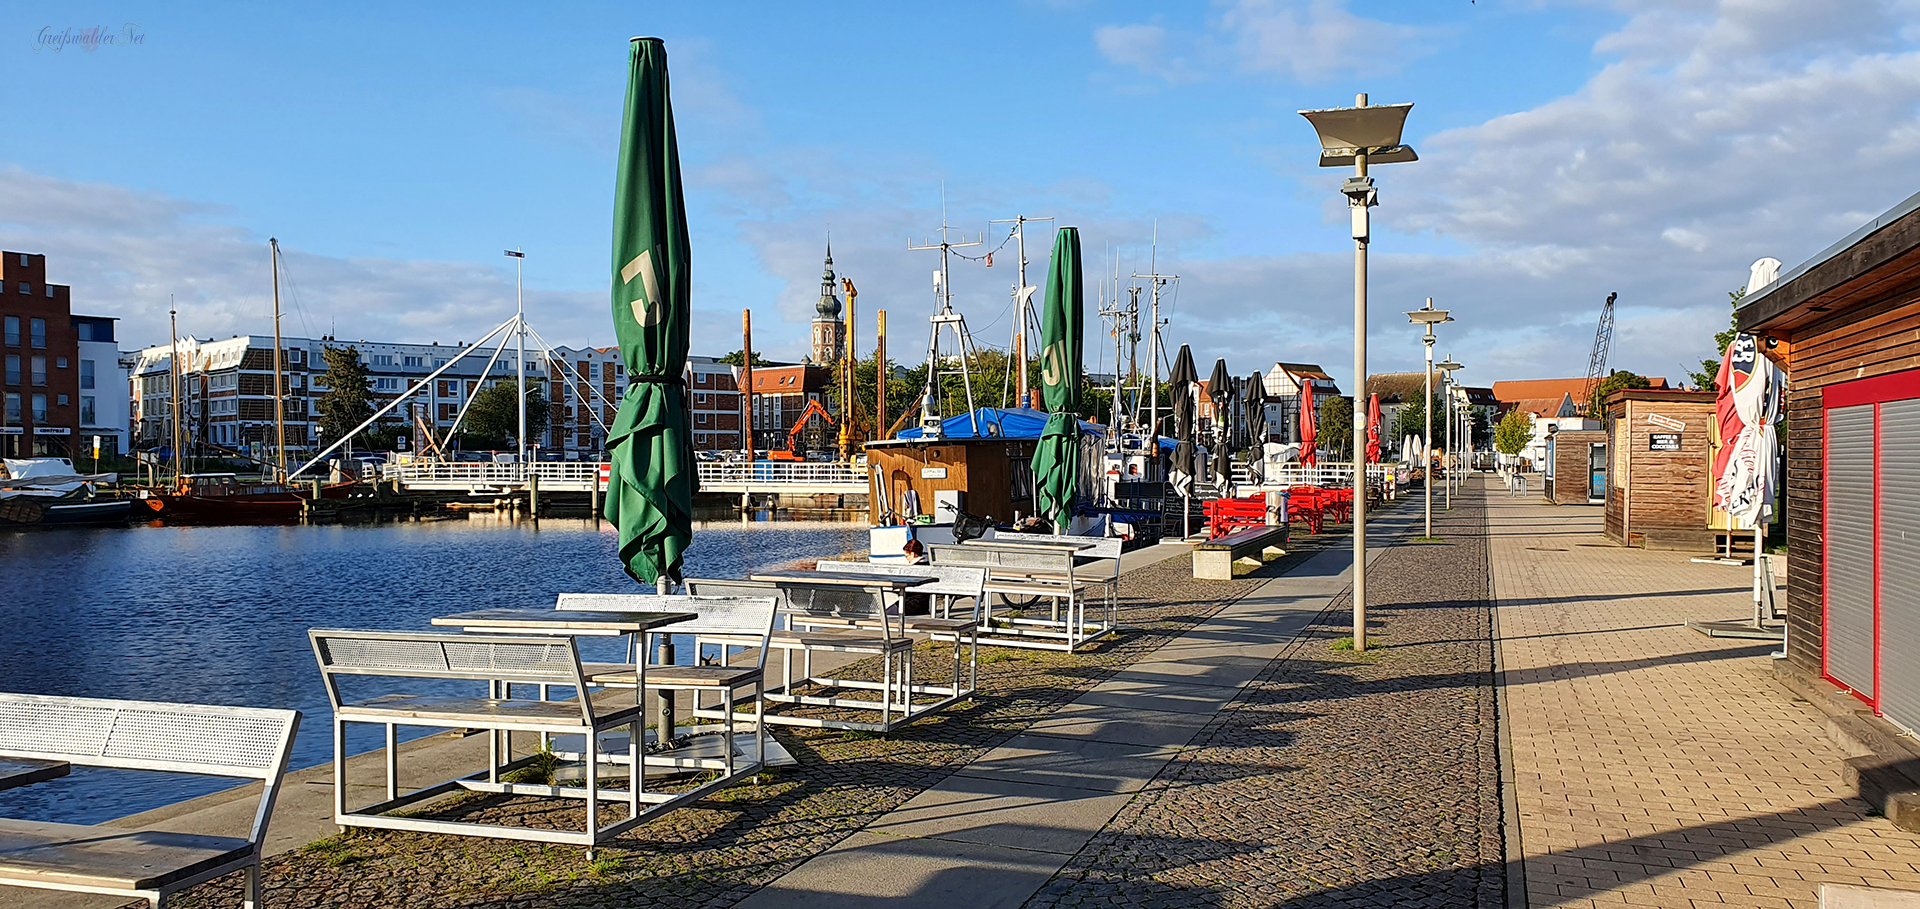 Spätsommer am Museumshafen Greifswald